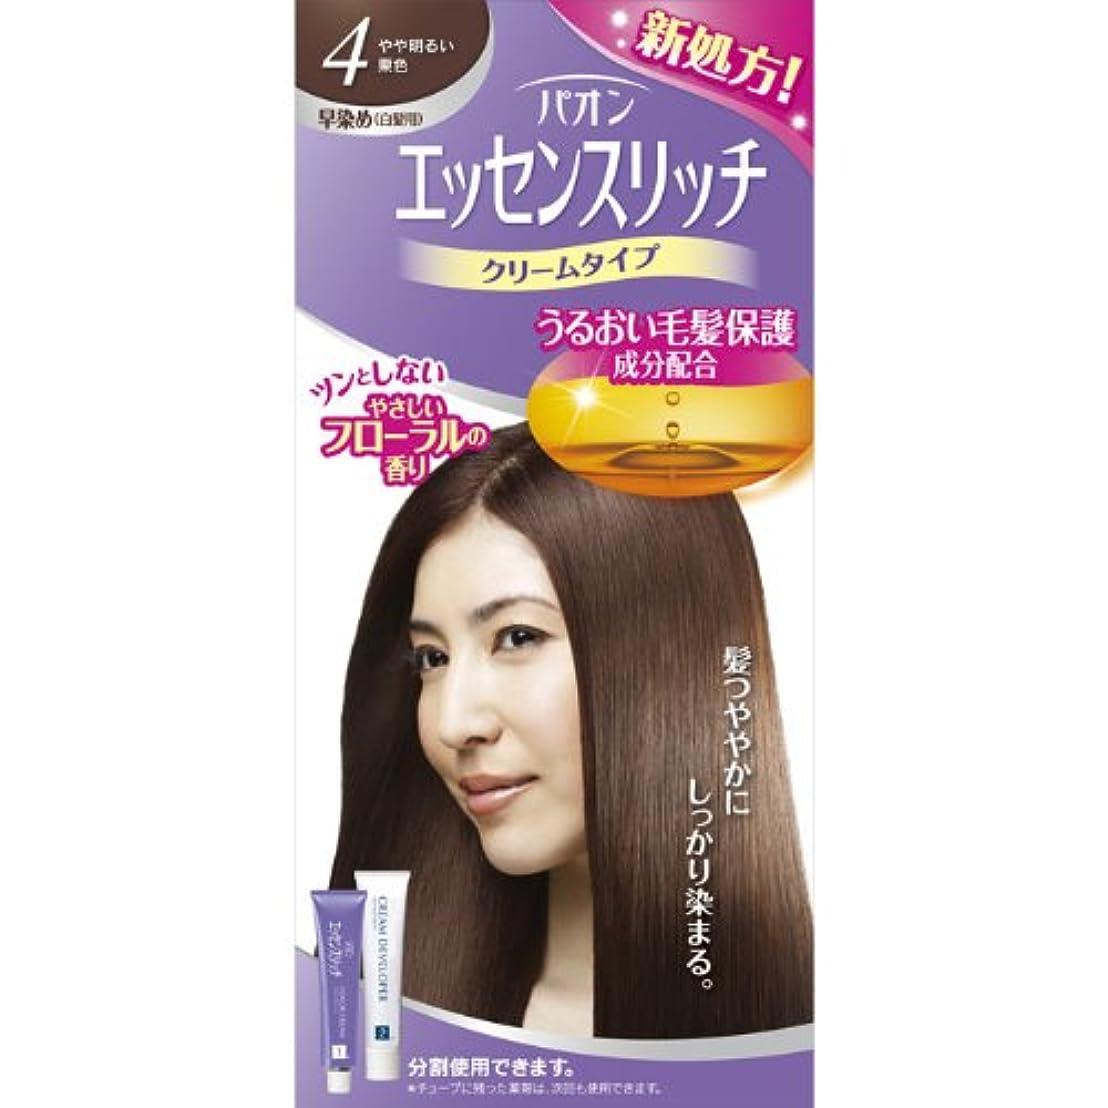 化粧無効にする家族ヘンケルライオンコスメティックス パオン エッセンスリッチ クリームタイプ 4 やや明るい栗色 40g+40g (医薬部外品)